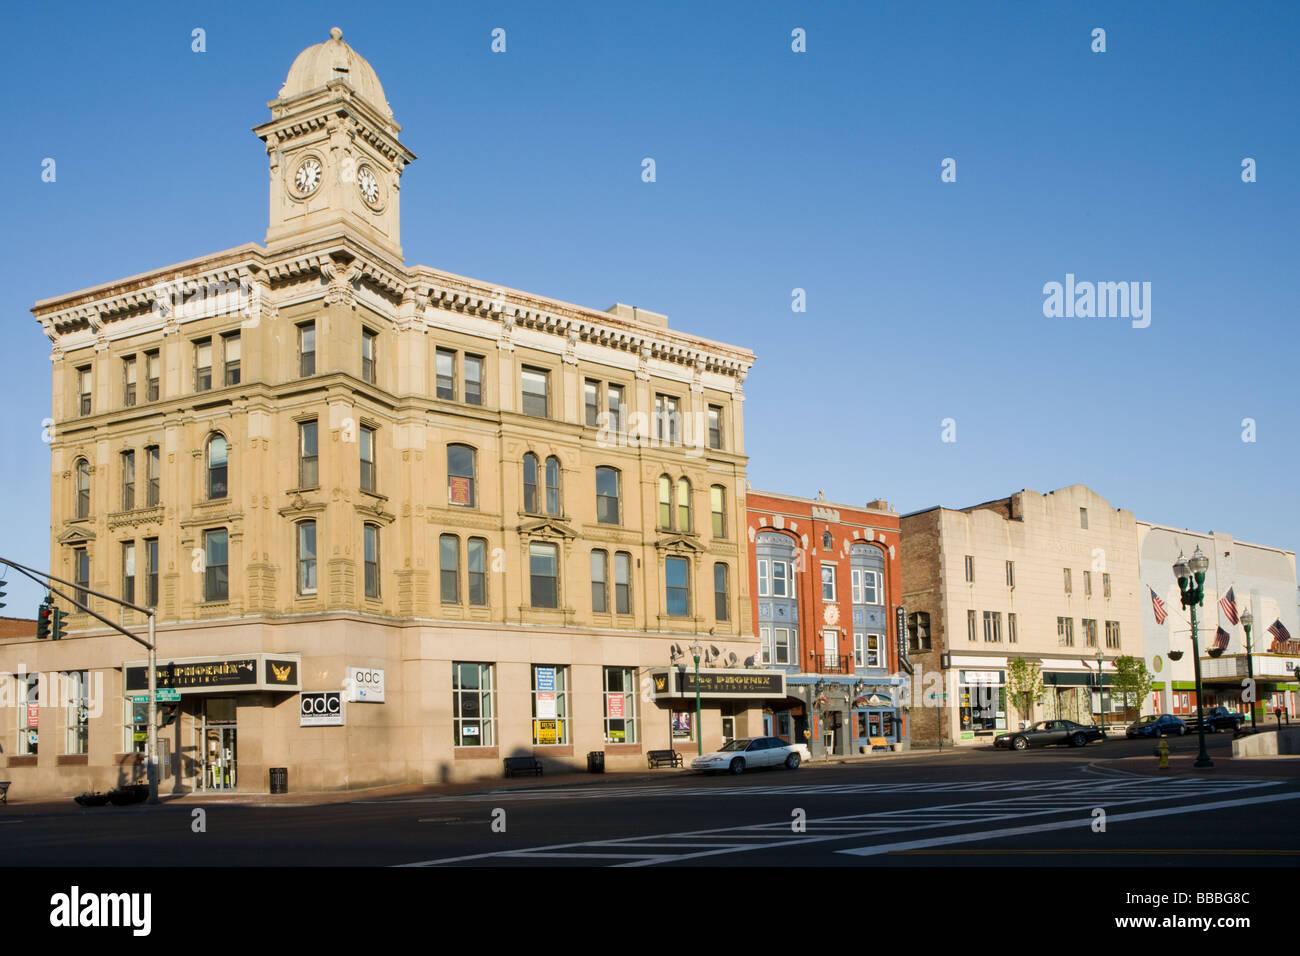 New york cayuga county - Impressive Architecture Phoenix Building Auburn New York Cayuga County Finger Lakes Region